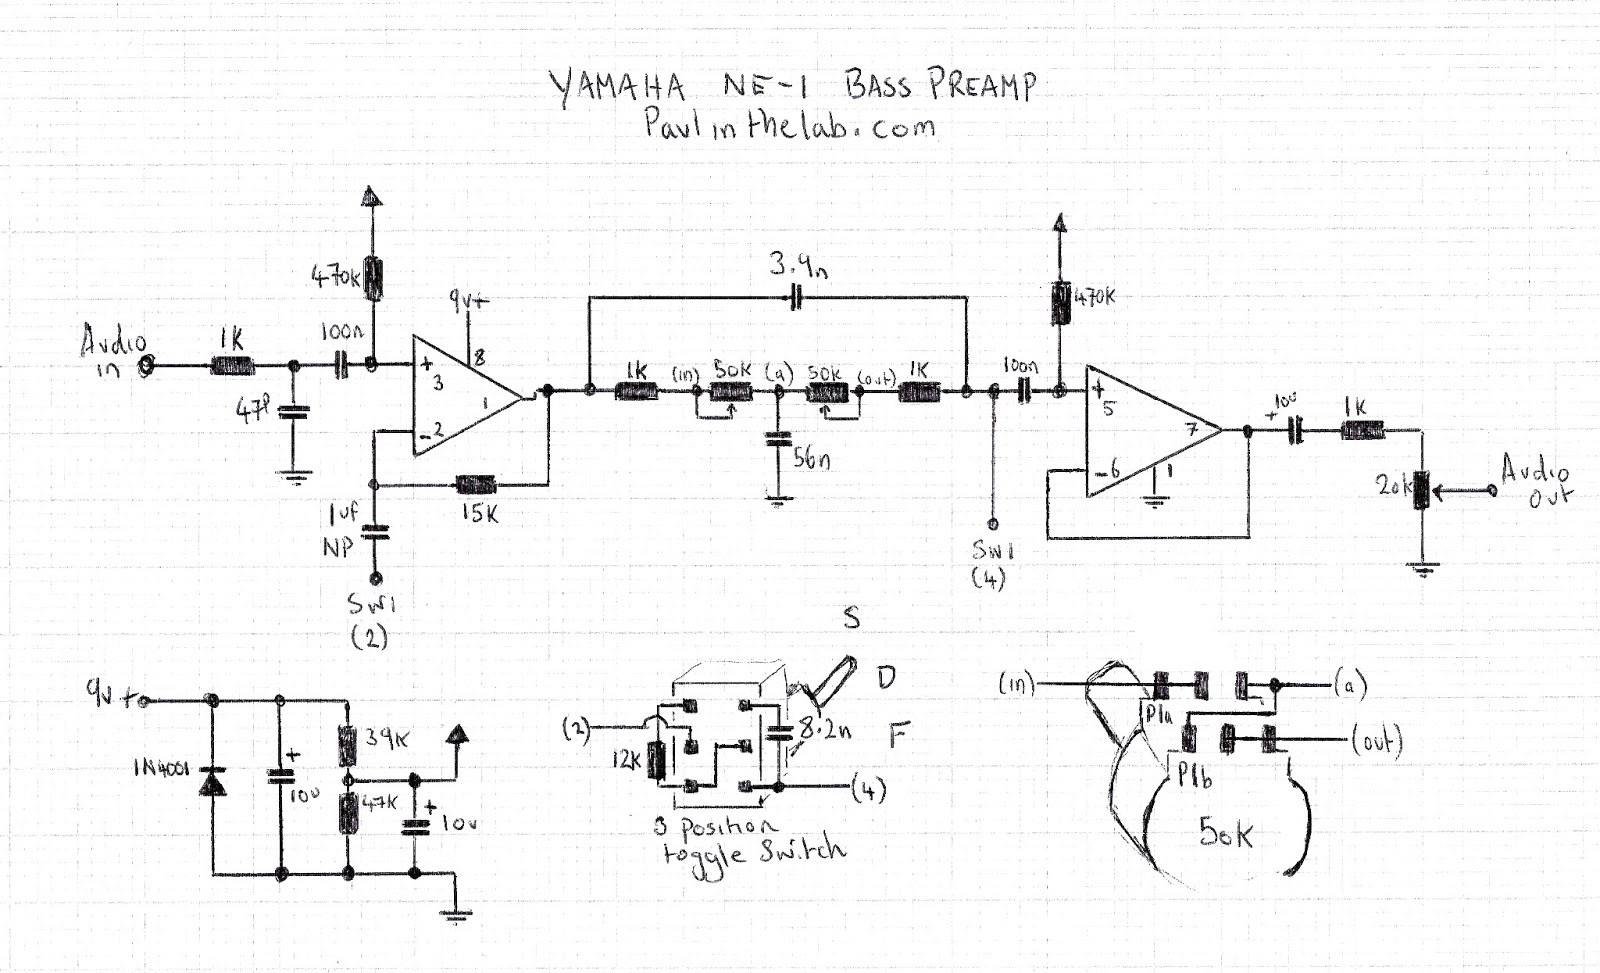 Fantastisch Yamaha Bassgitarre Schaltplan Bilder - Elektrische ...